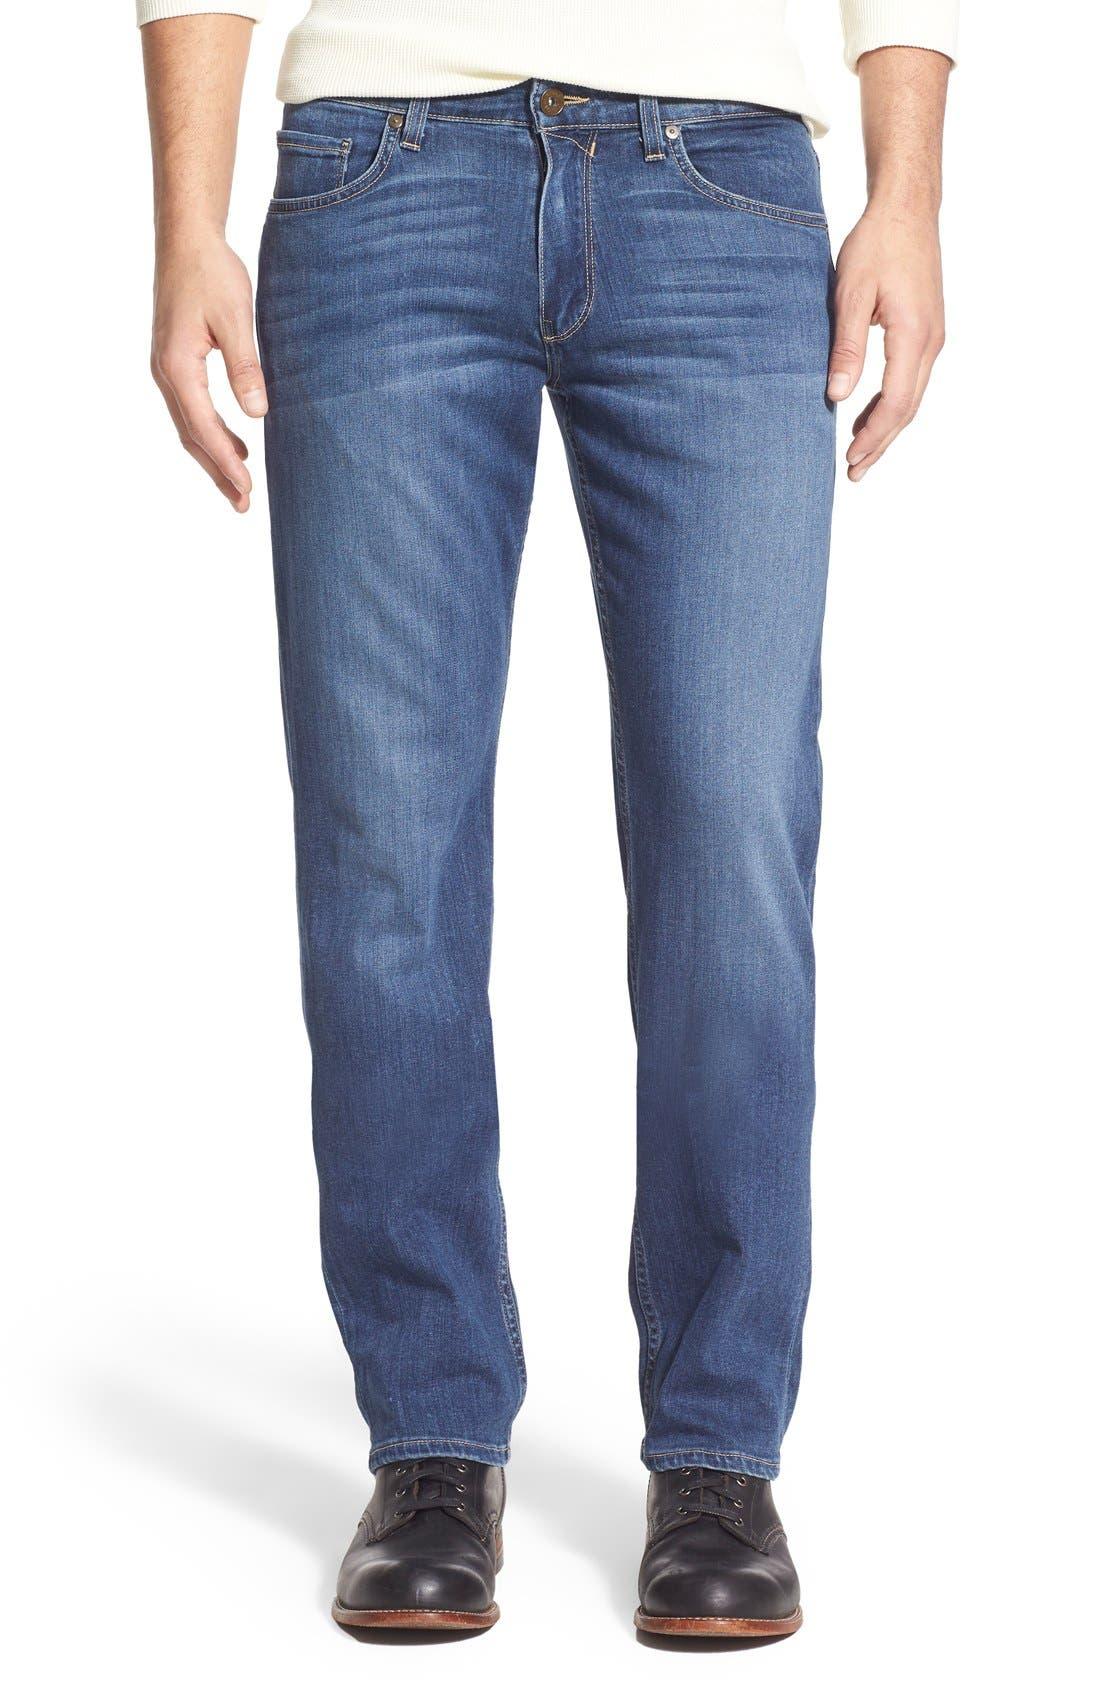 PAIGE Transcend - Lennox Straight Leg Jeans